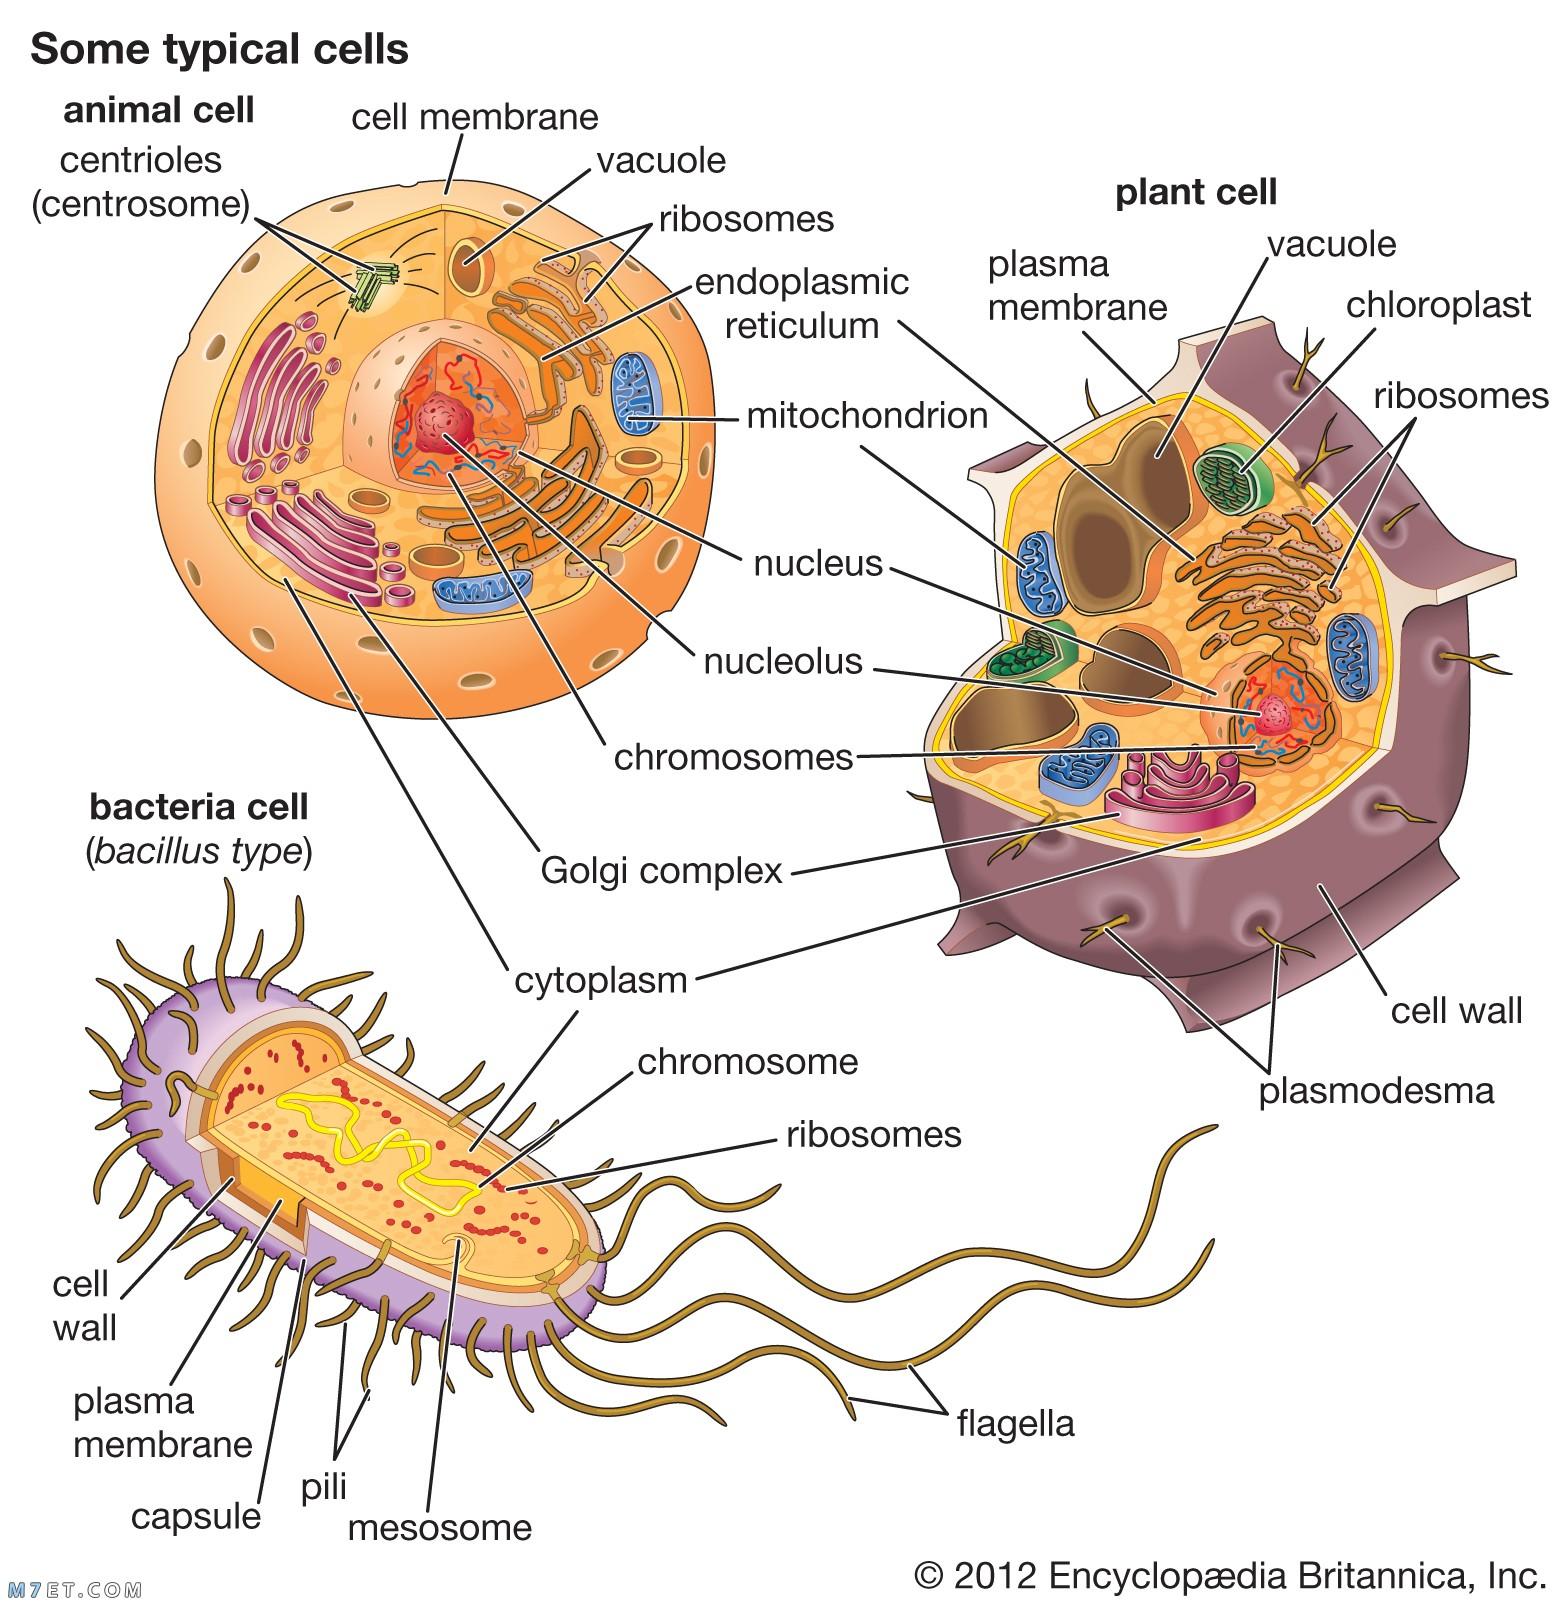 انواع الخلايا